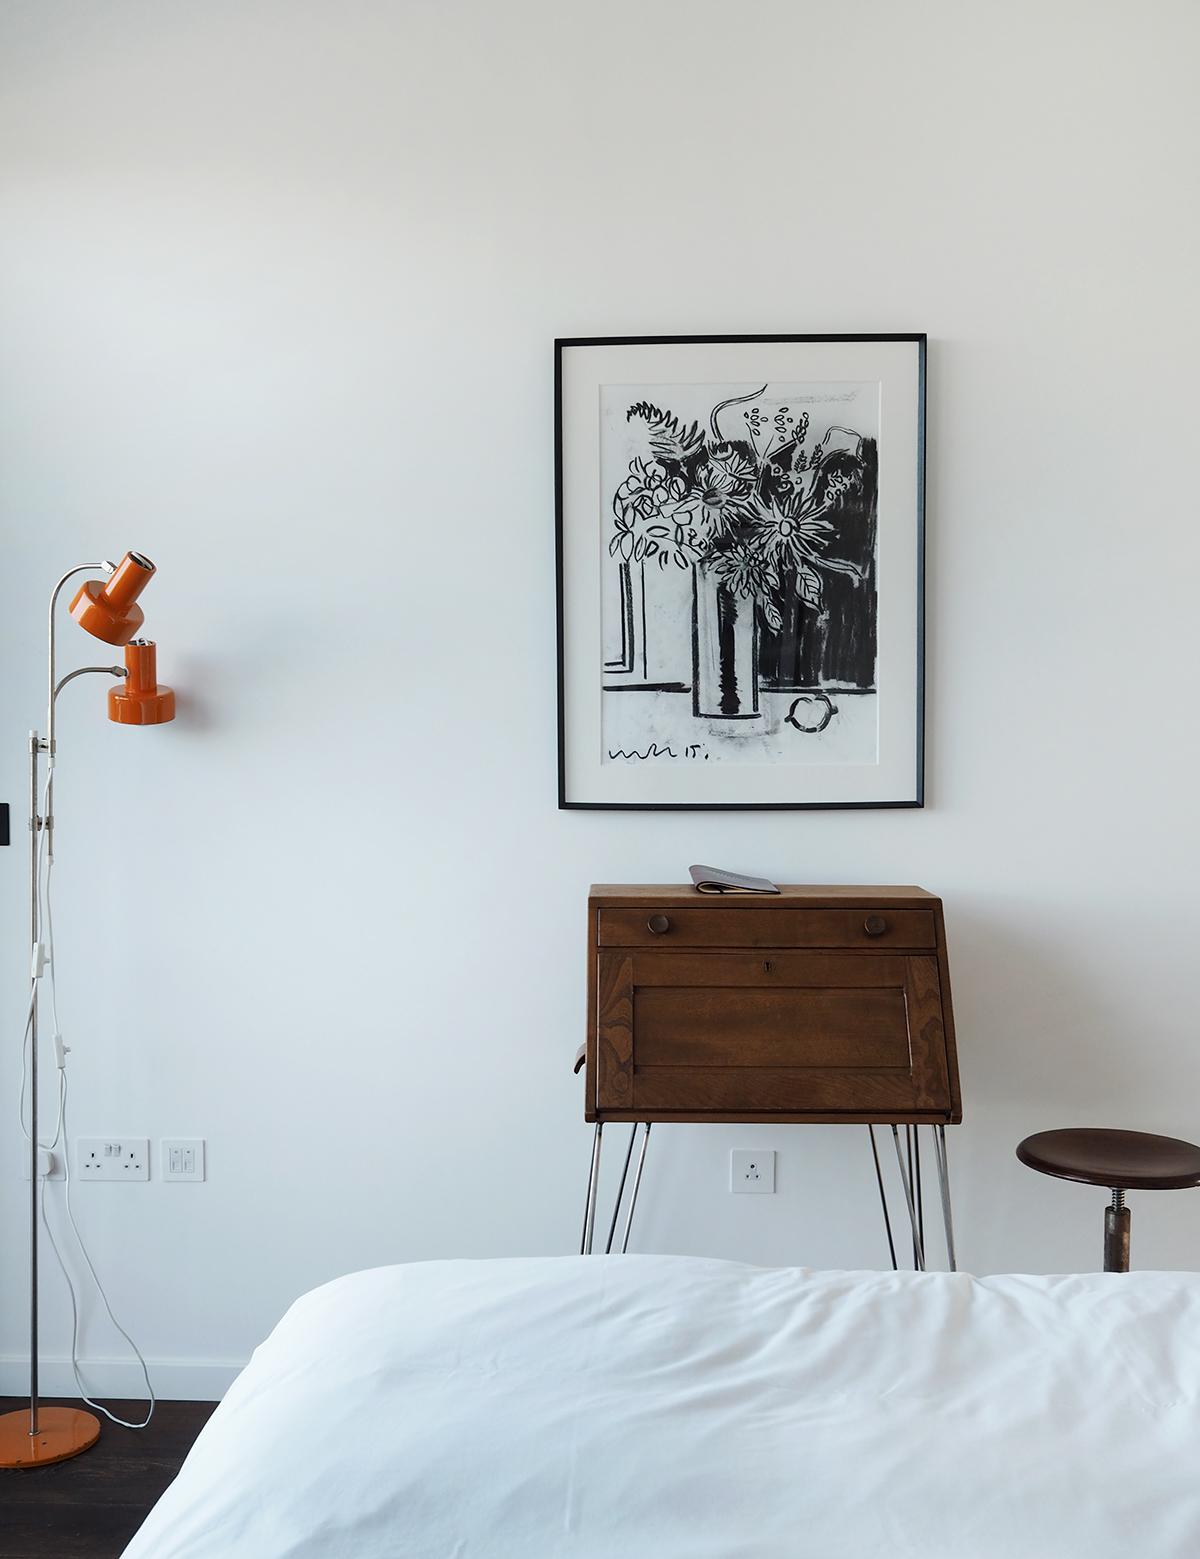 Barford beach house bedroom